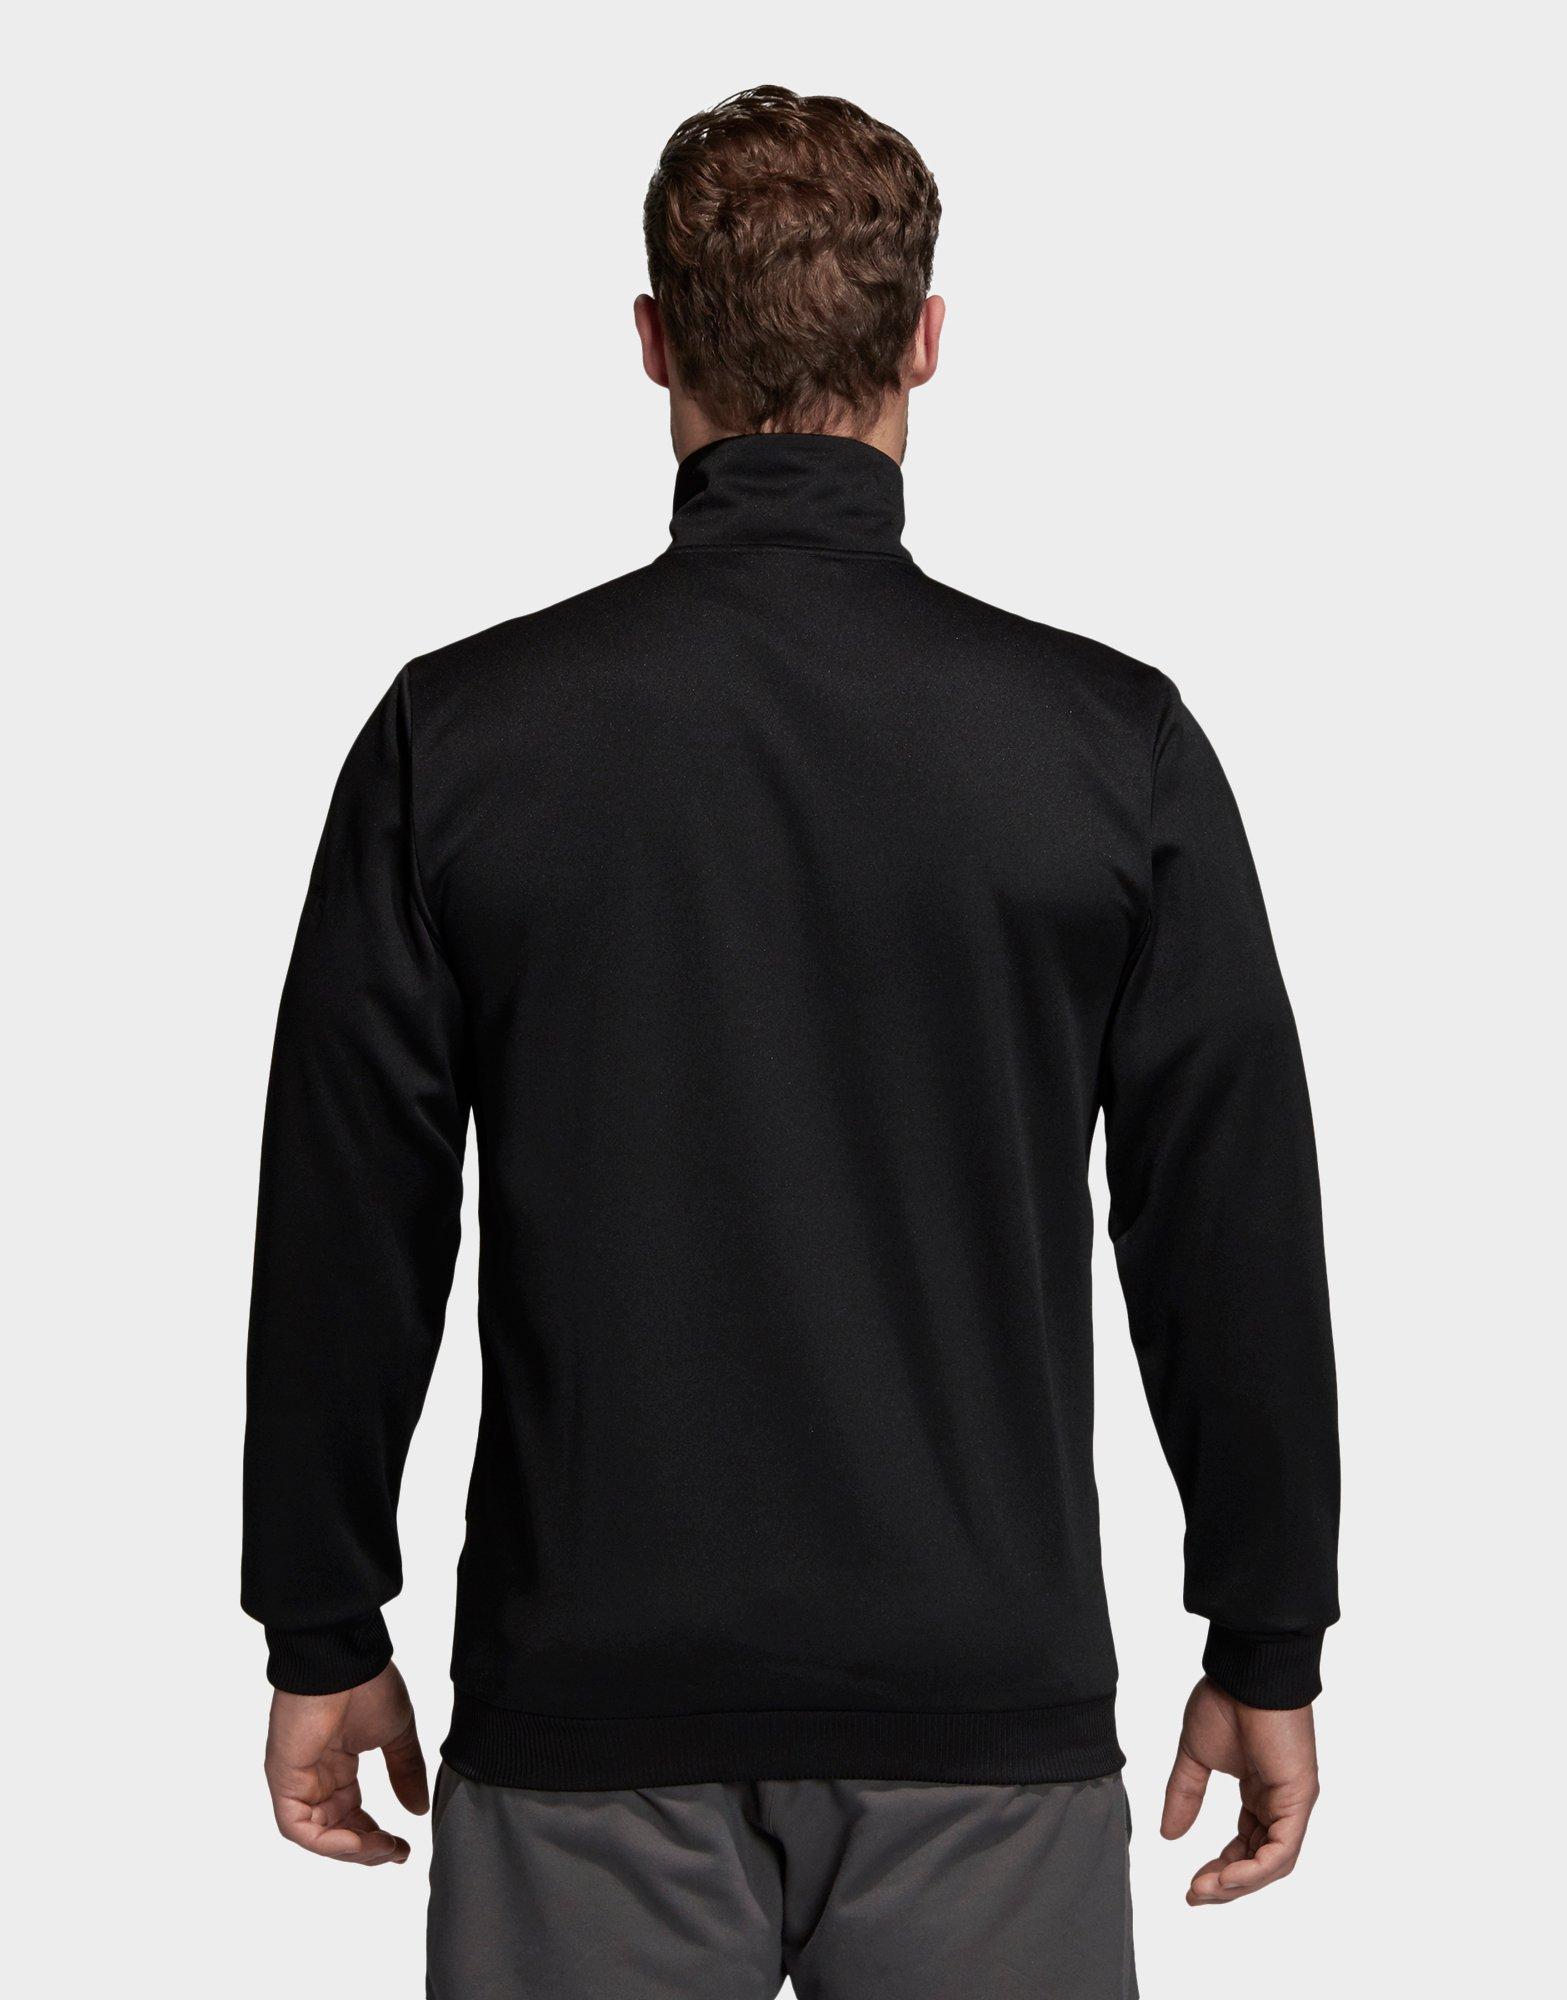 Sst 95 Ce2400 Black De Hose Eur Damen Adidas Tp 59 Picclick